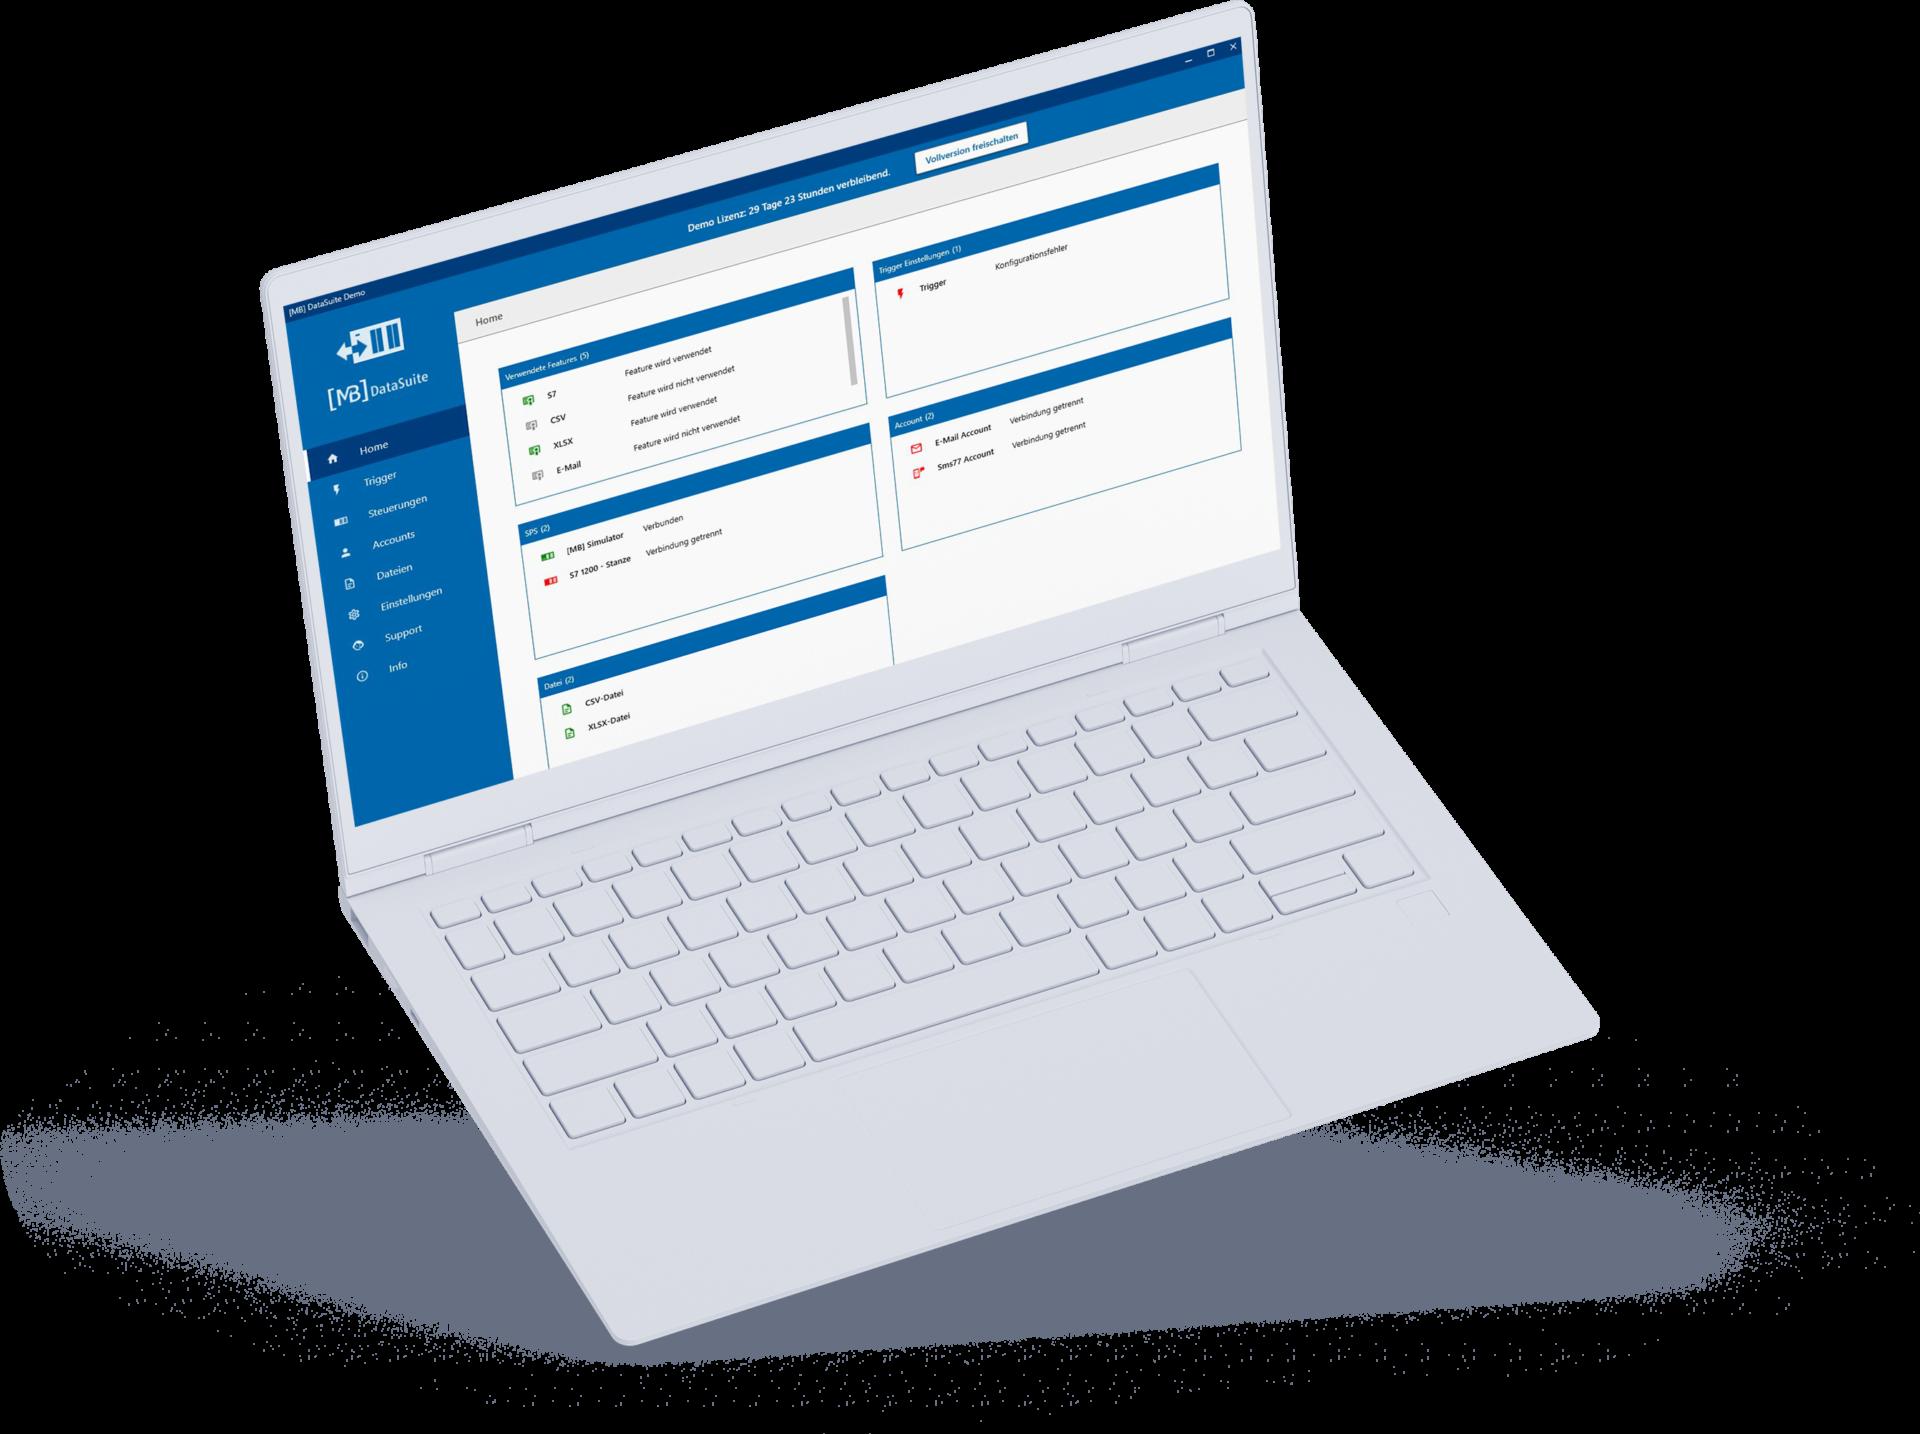 MB DataSuite